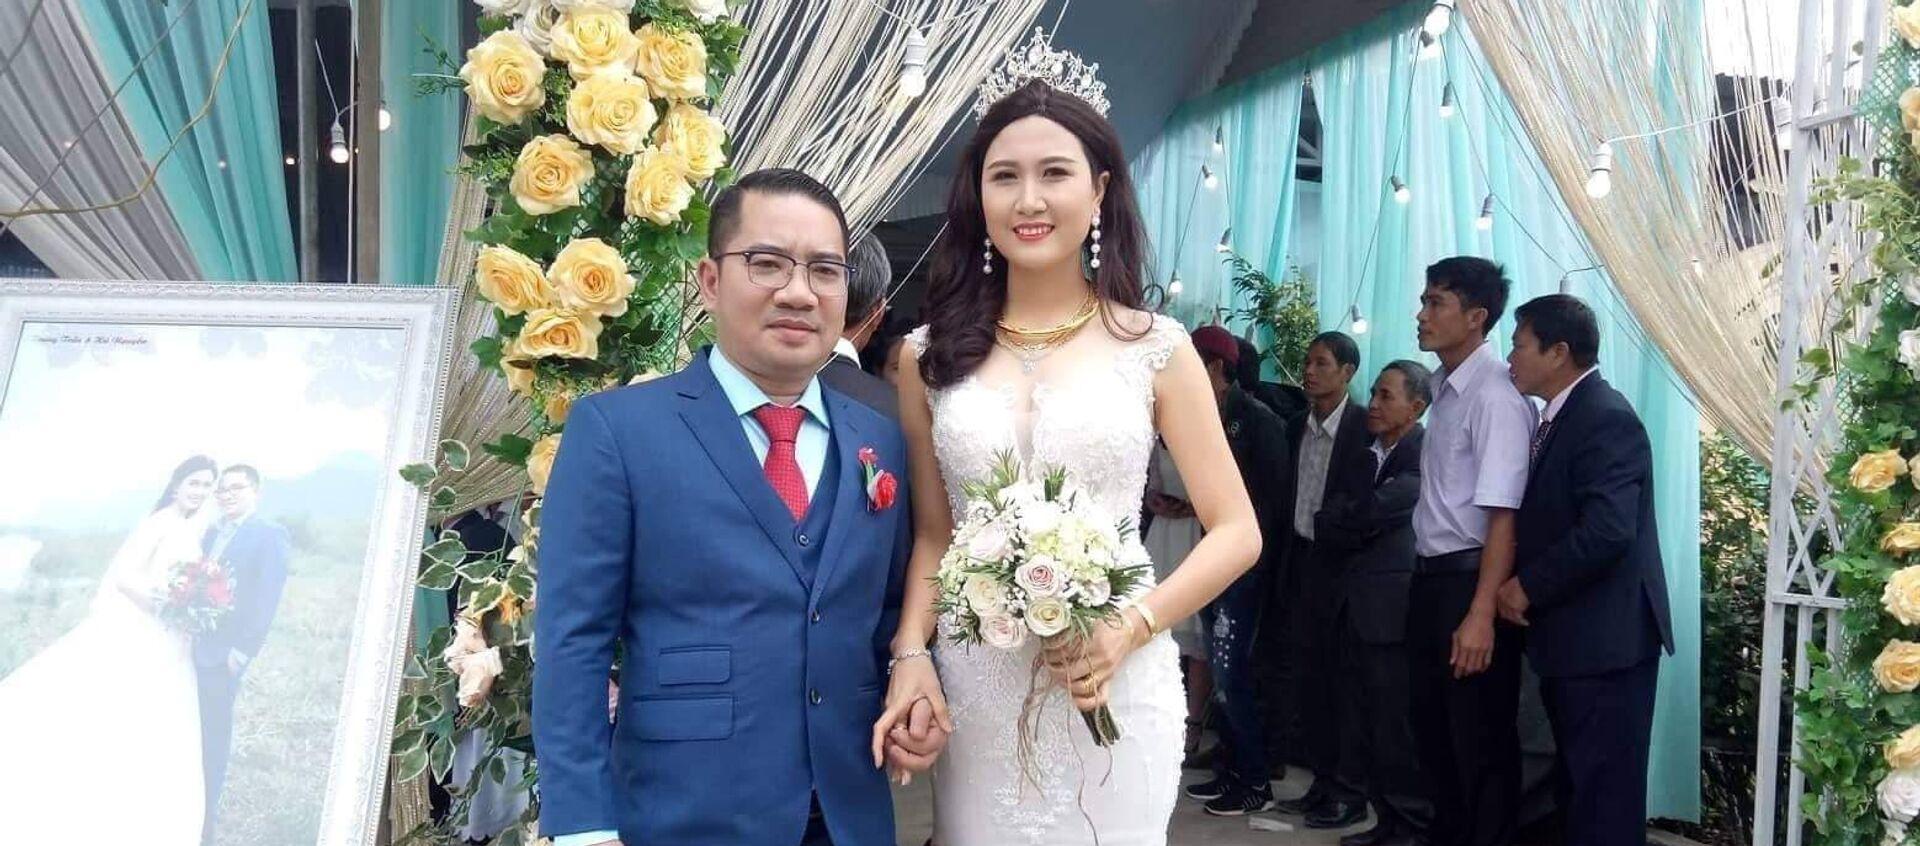 Nguyễn Thị Hà trong đám cưới với vị doanh nhân - Sputnik Việt Nam, 1920, 19.12.2018